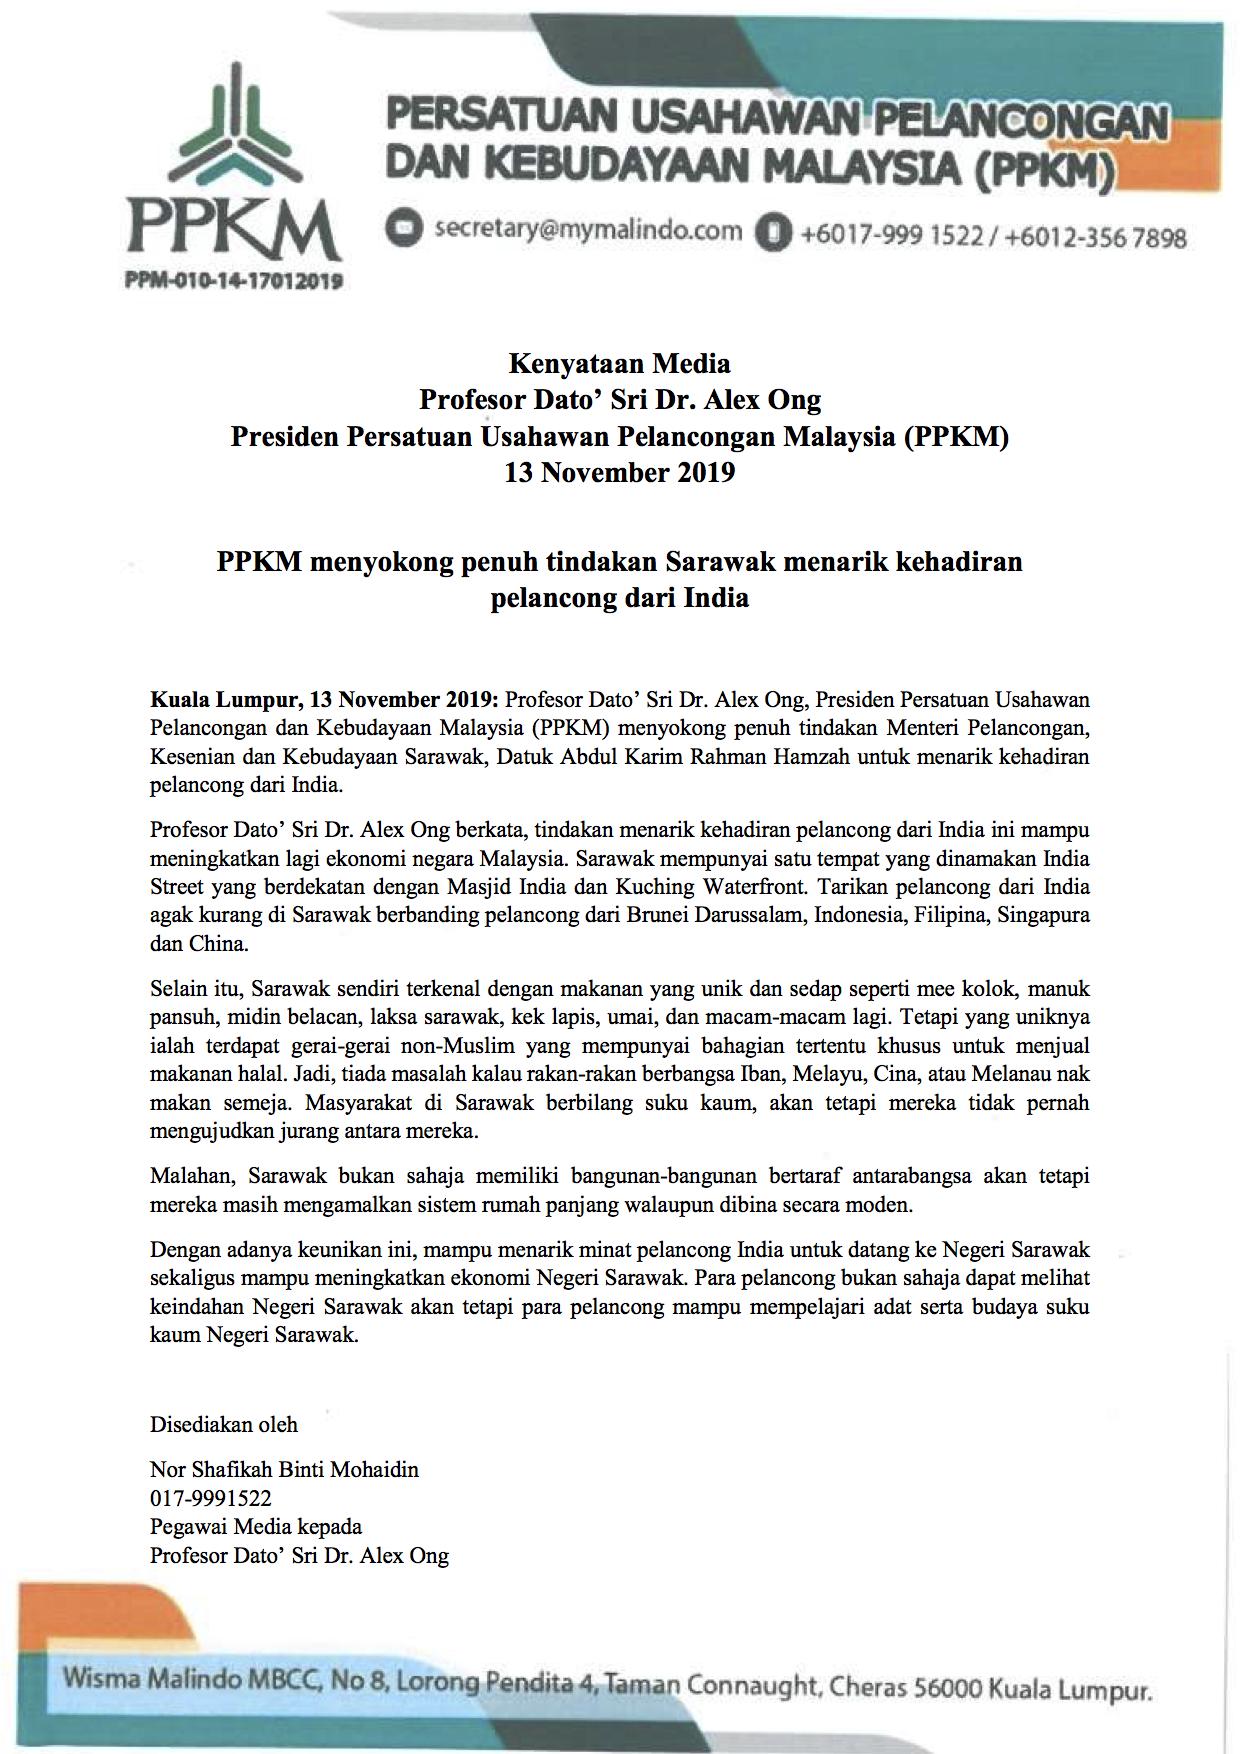 PPKM menyokong penuh tindakan Sarawak menarik kehadiran pelancong dari India